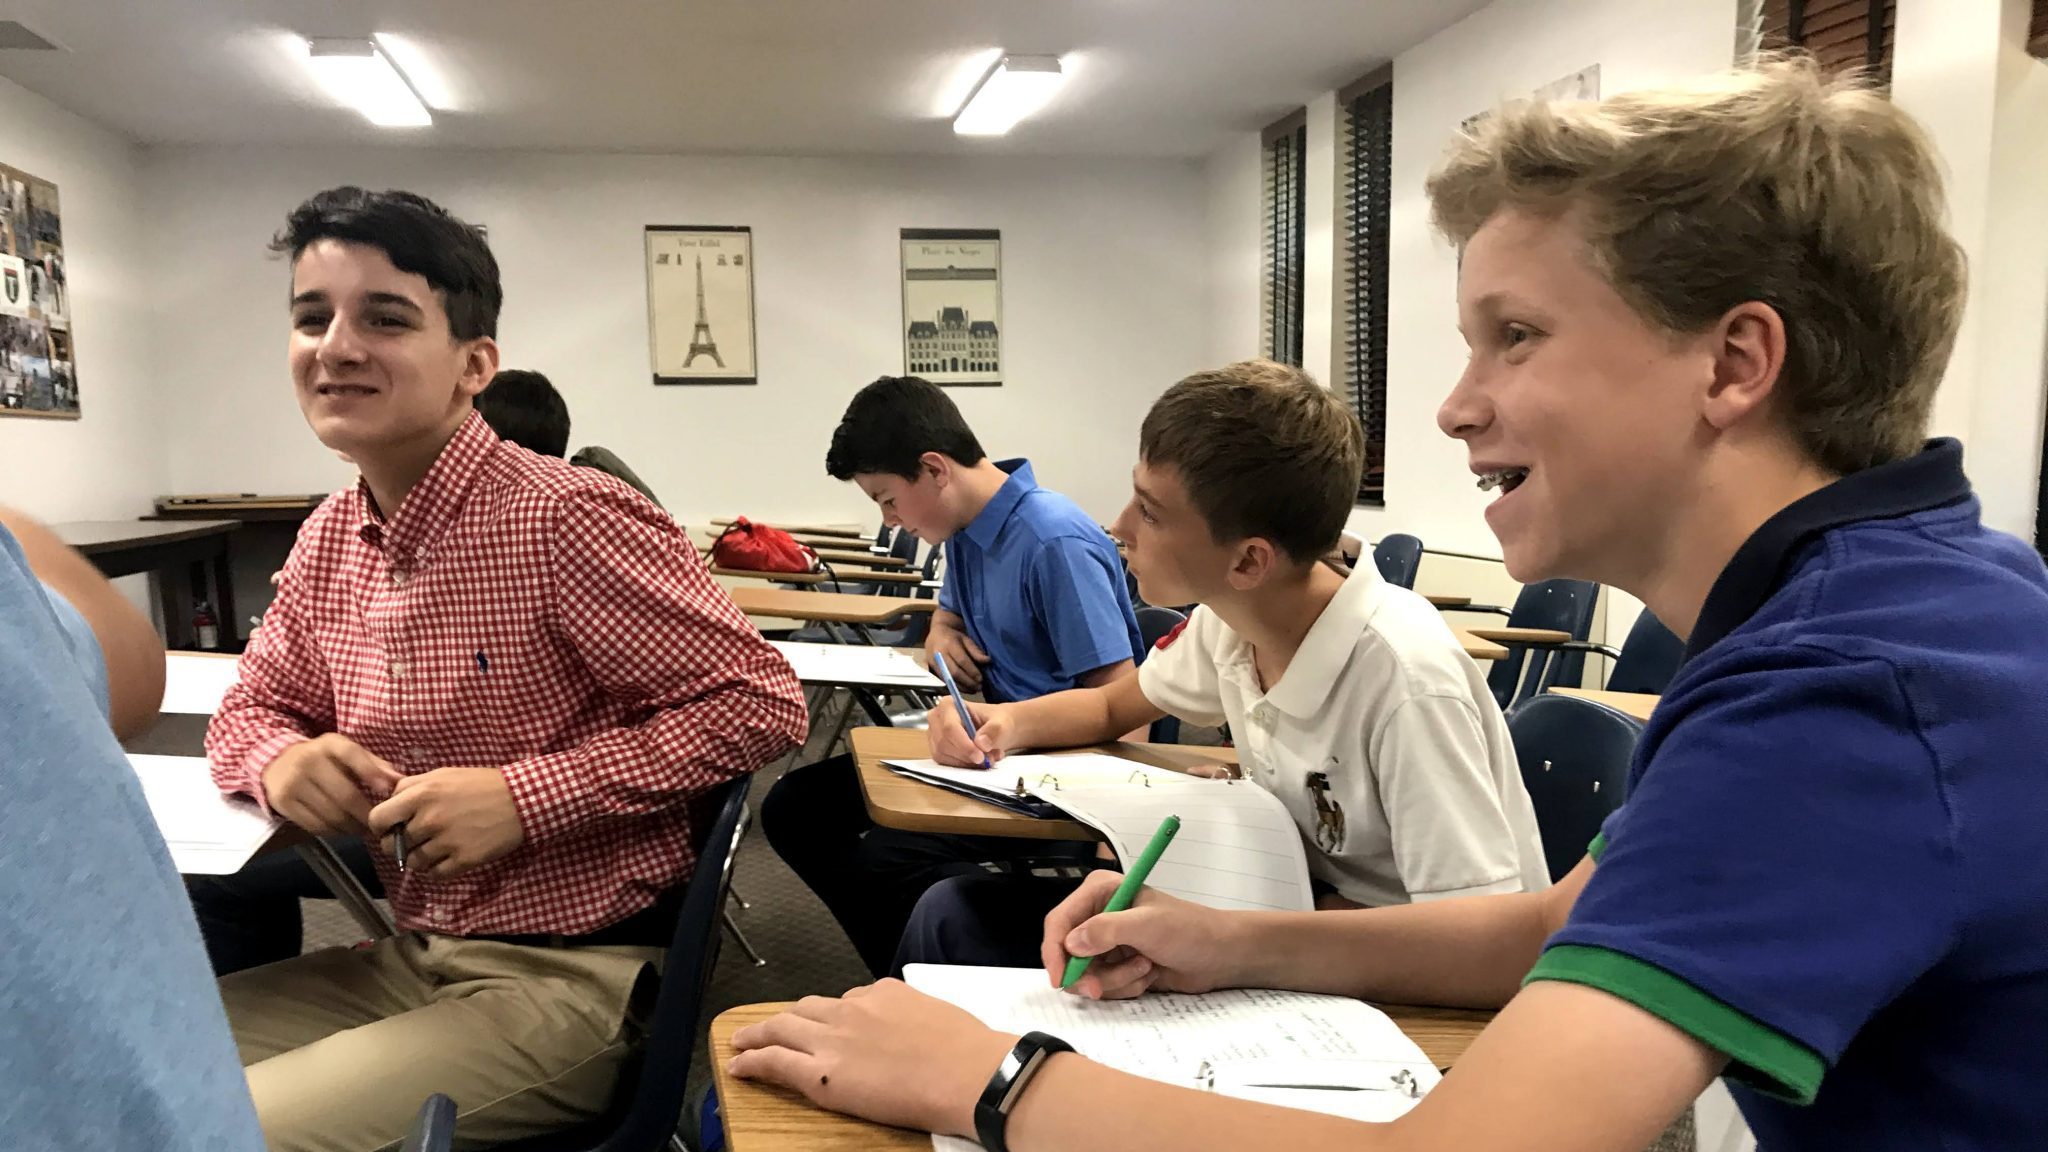 Freshman Seminar: The Big Picture